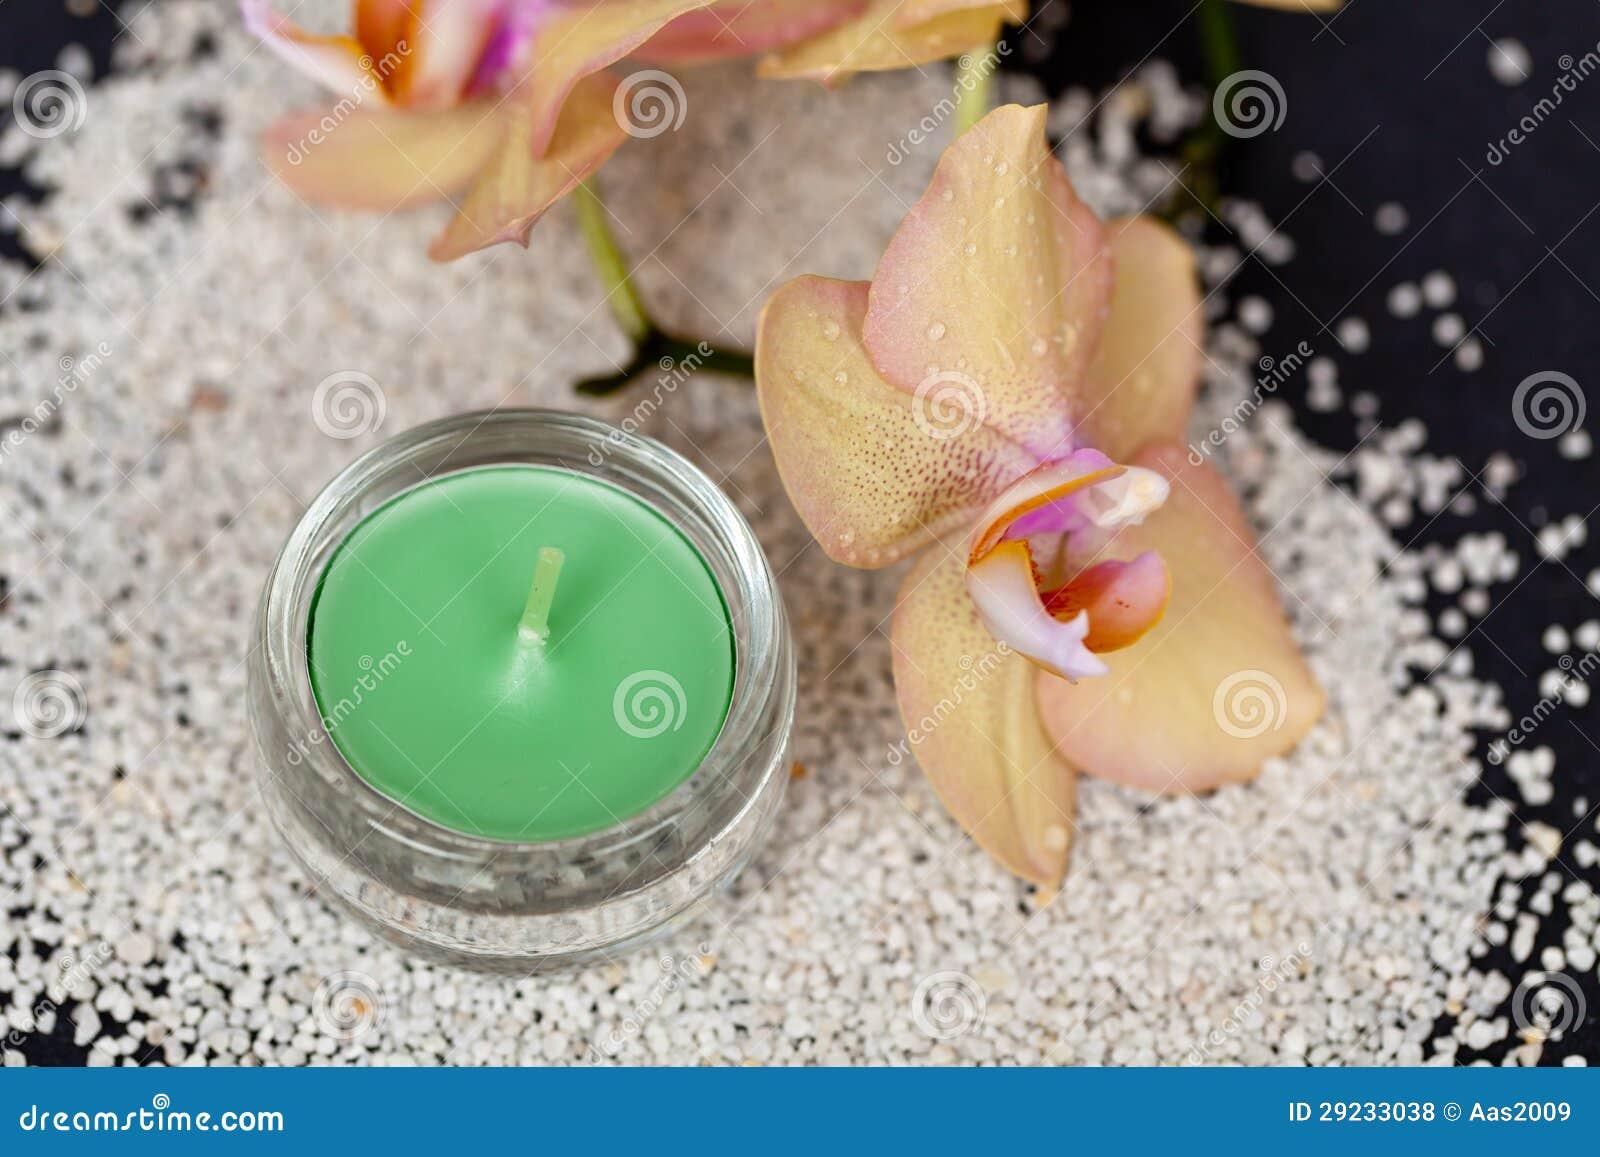 Download Vela e orquídea foto de stock. Imagem de aroma, planta - 29233038